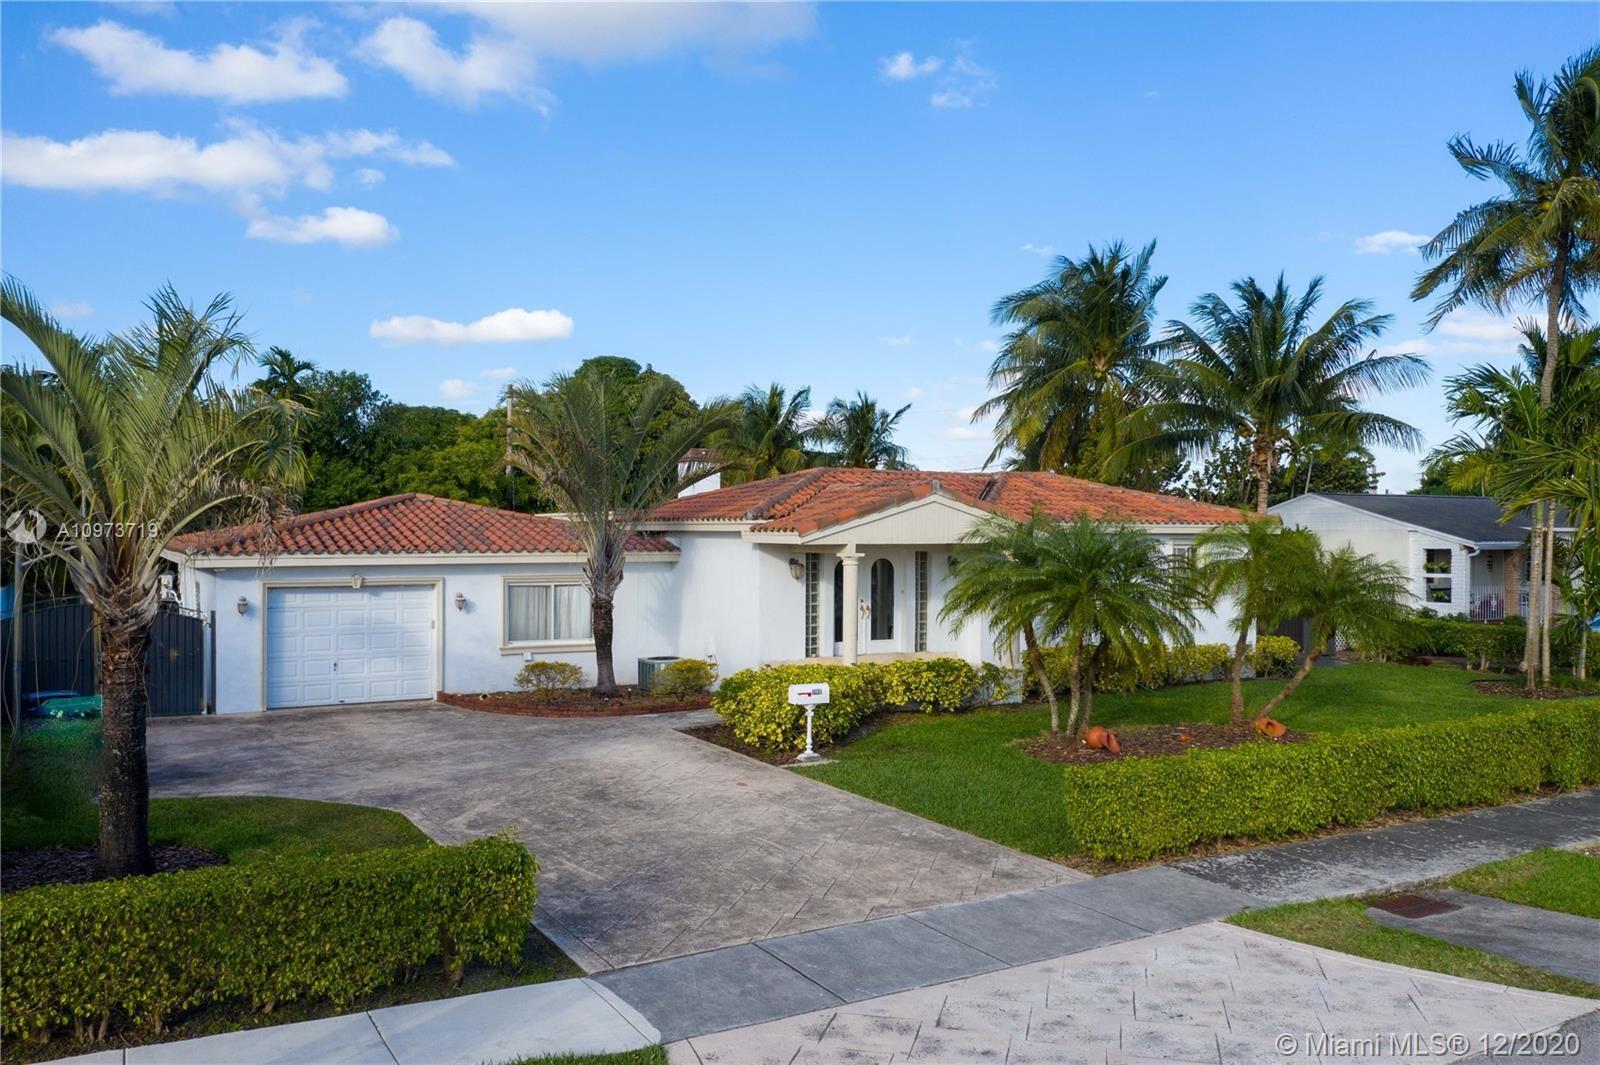 7865 SW 28th St, Miami, FL 33155 - #: A10973719